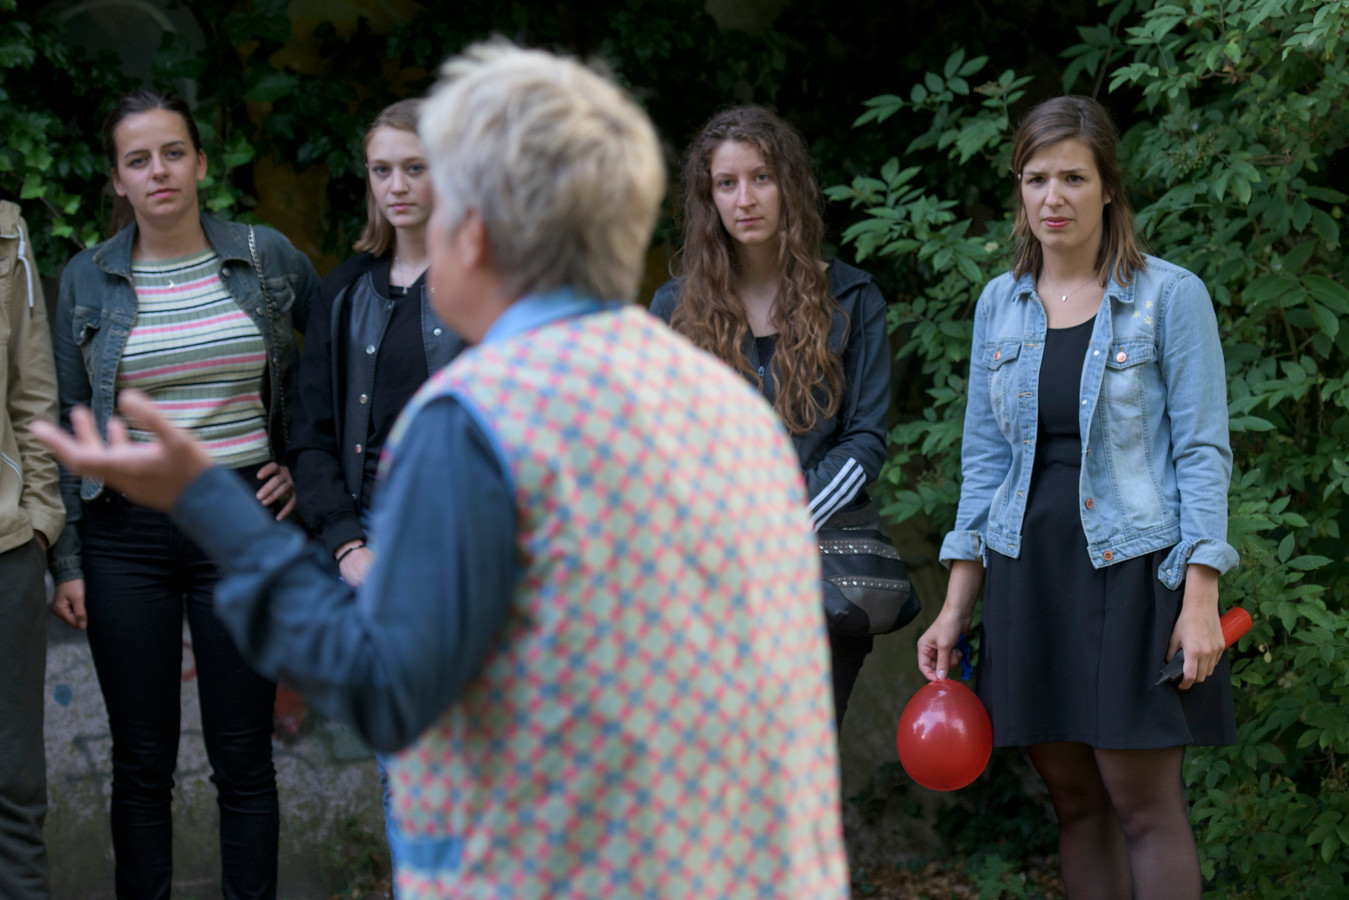 De laatste repetitie voor het afstudeerproject van Vera Boonman (met de rode ballon).